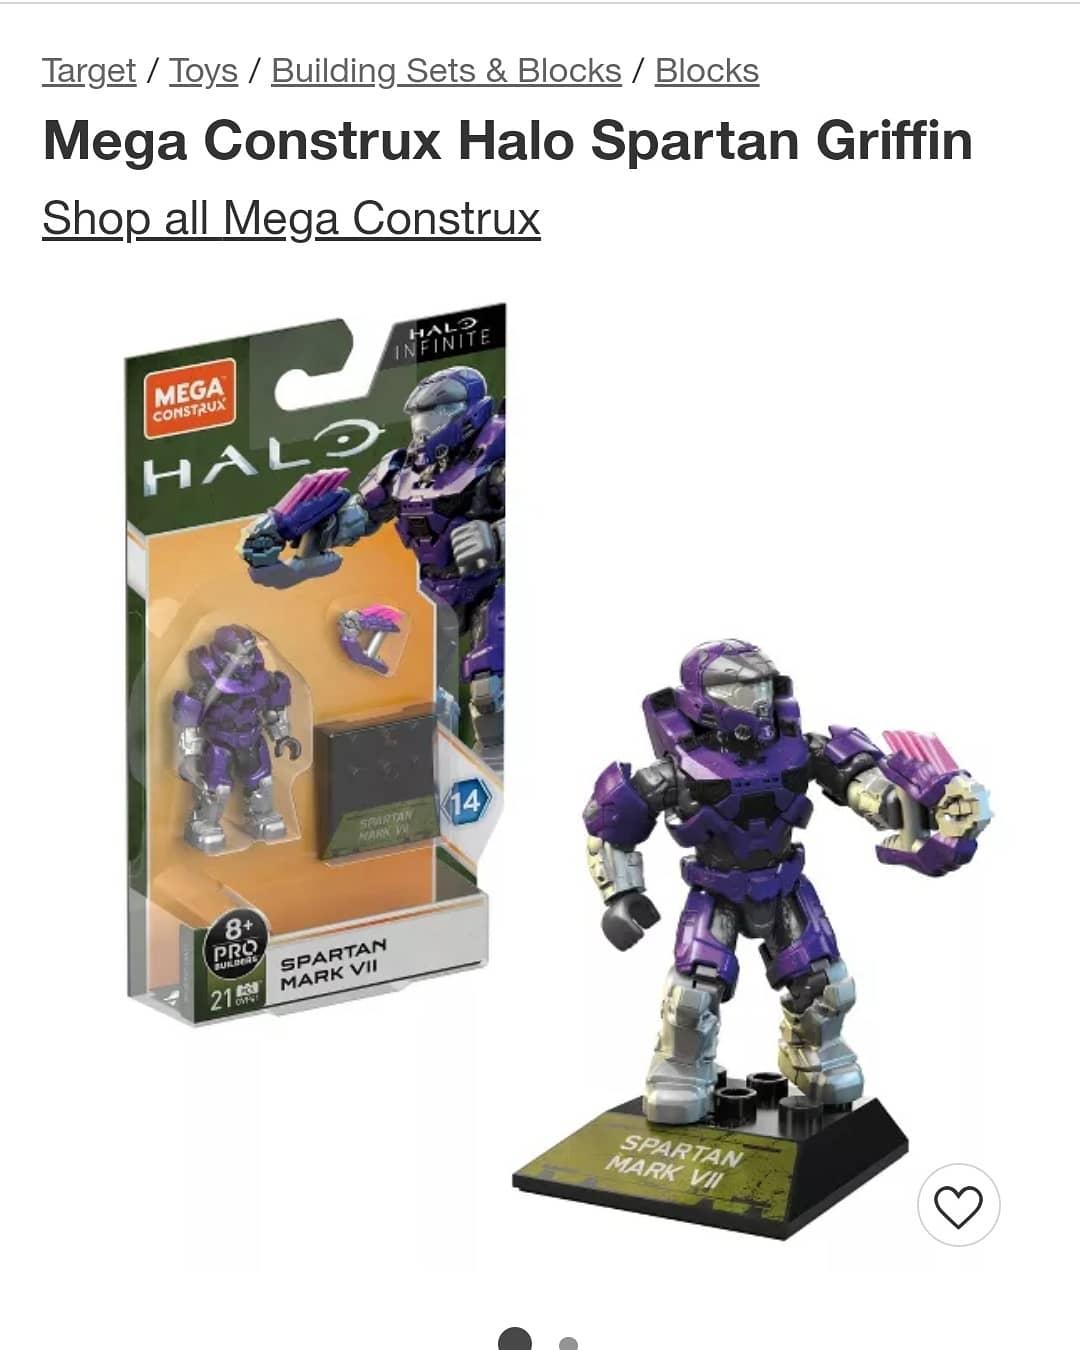 玩具泄露《光环:无限》两位新斯巴达战士